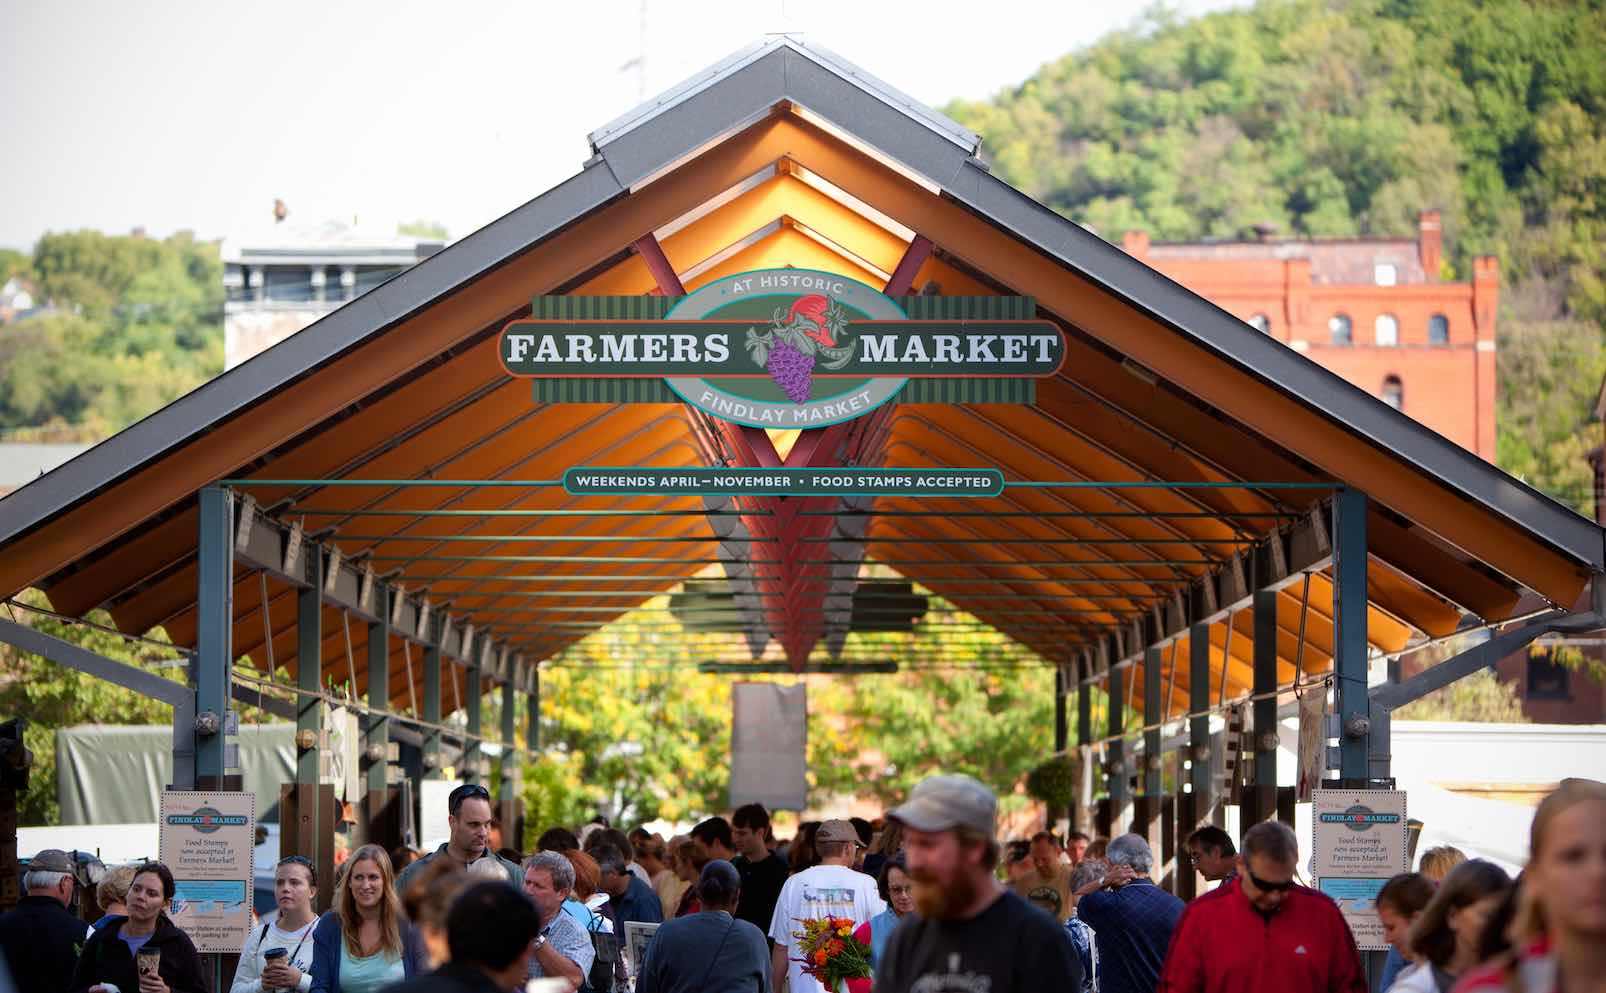 Farmer's Market at Findlay Market